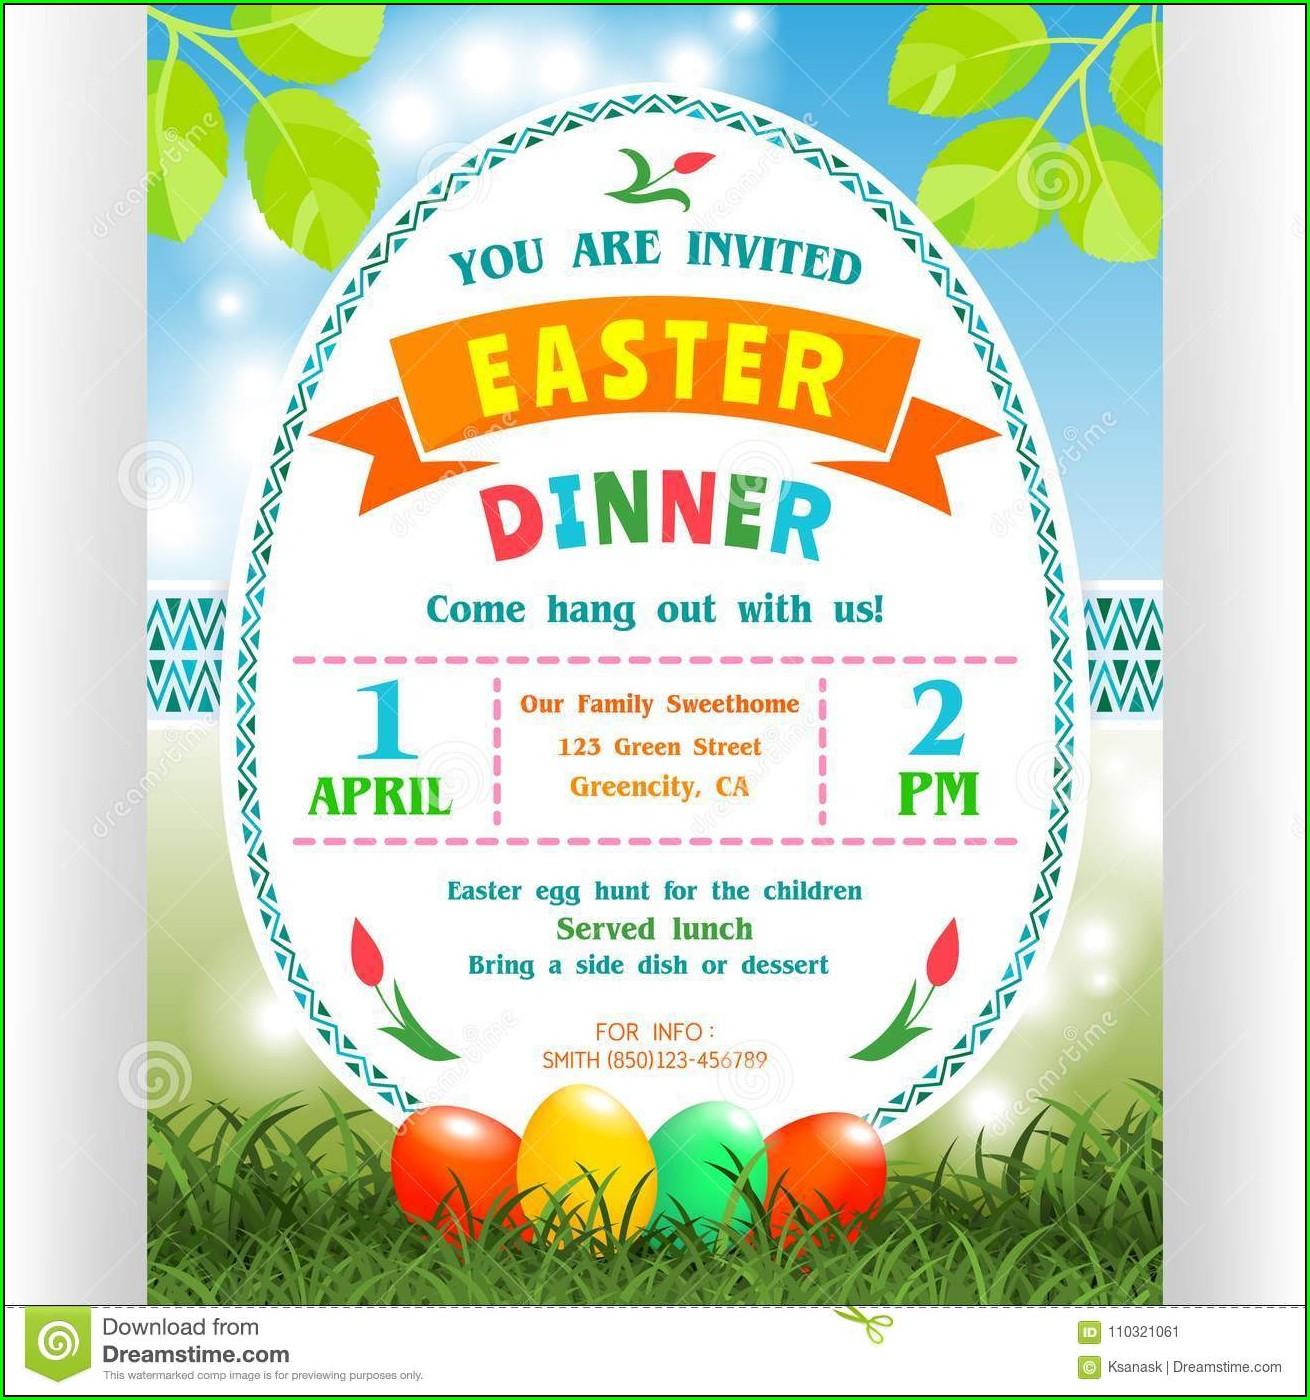 Easter Dinner Invitation Template